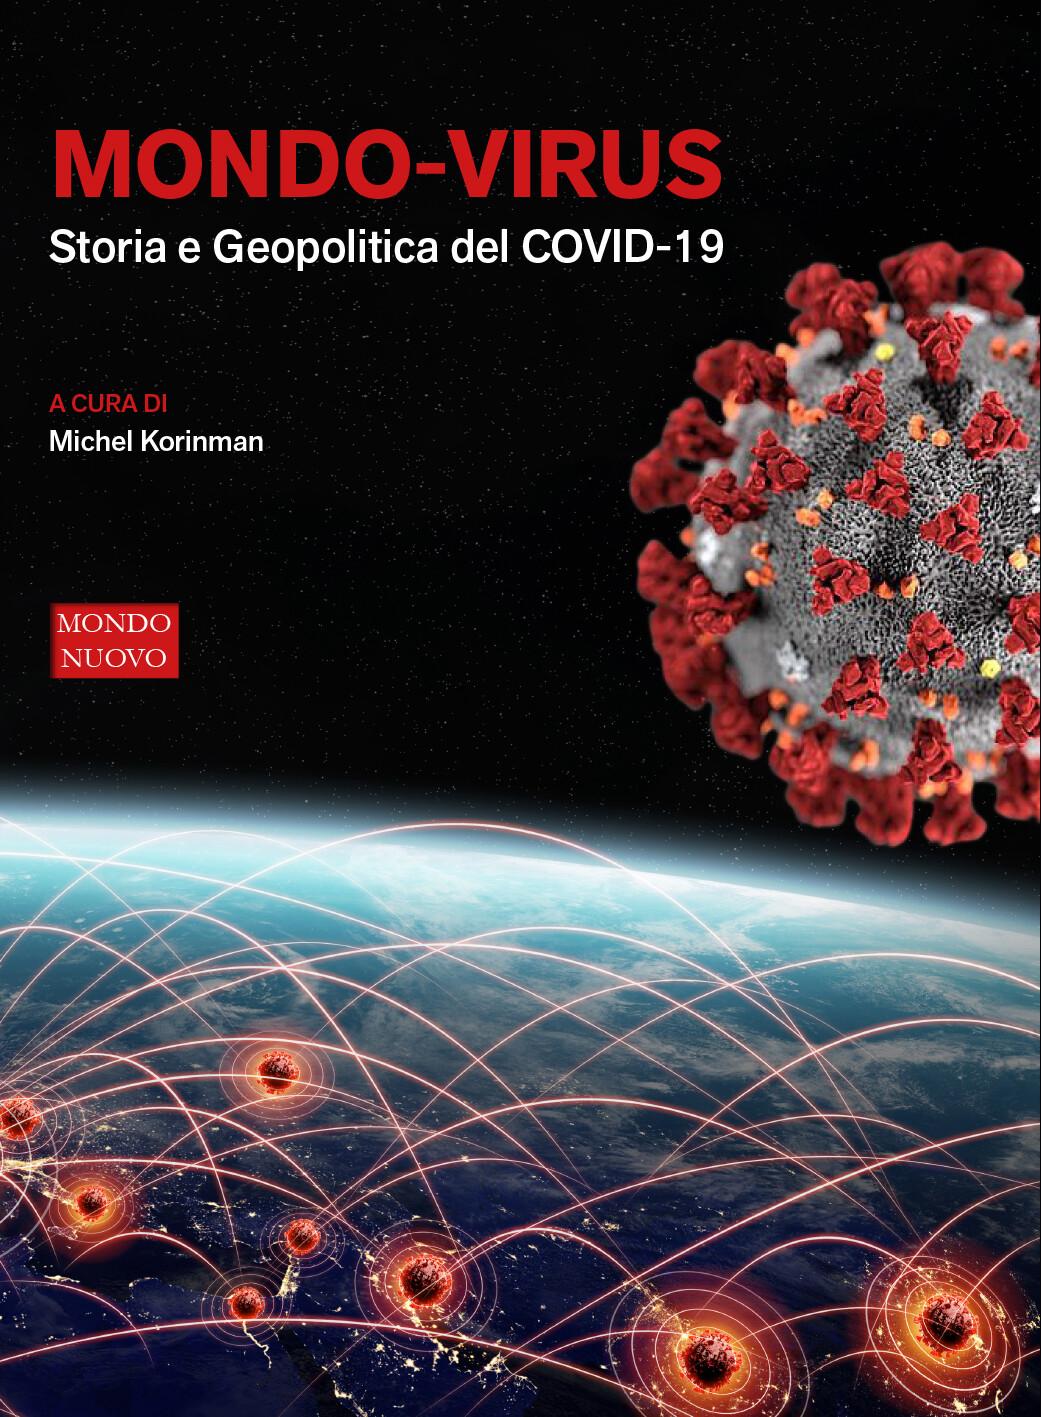 MONDO-VIRUS. Storia e Geopolitica del COVID-19